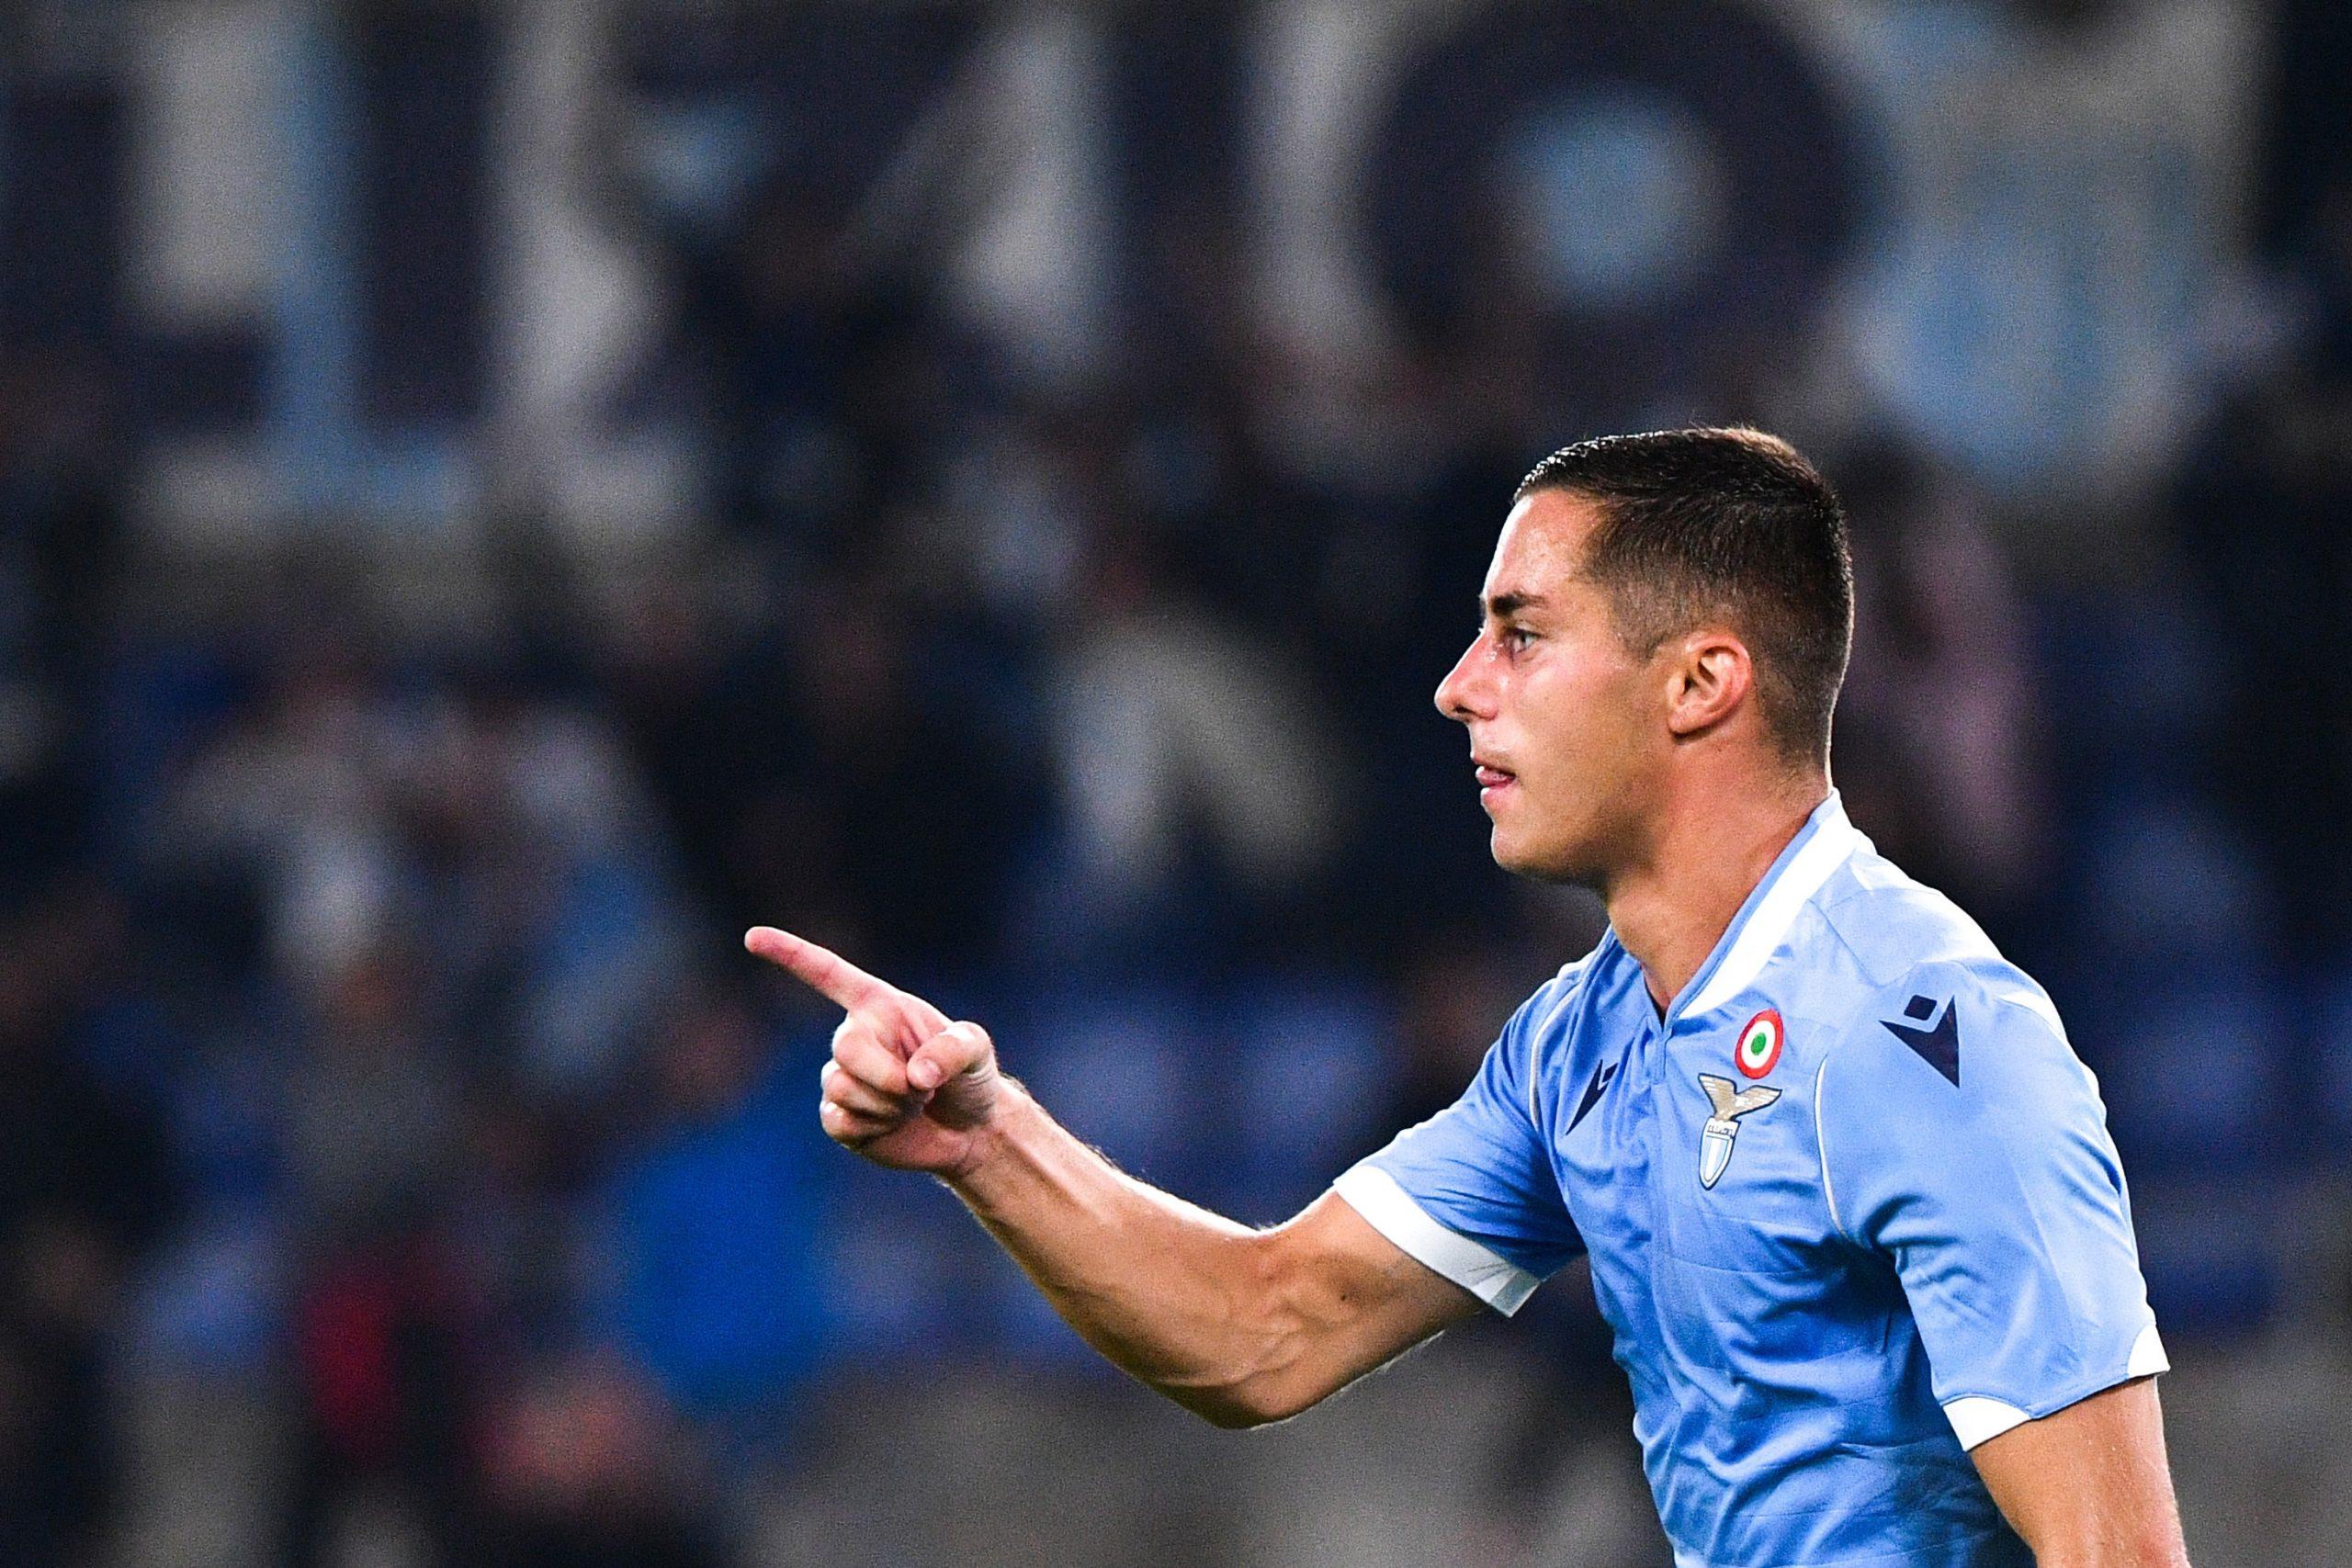 Mercato - Le PSG a fait une première offre pour Marusic, annonce La Repubblica